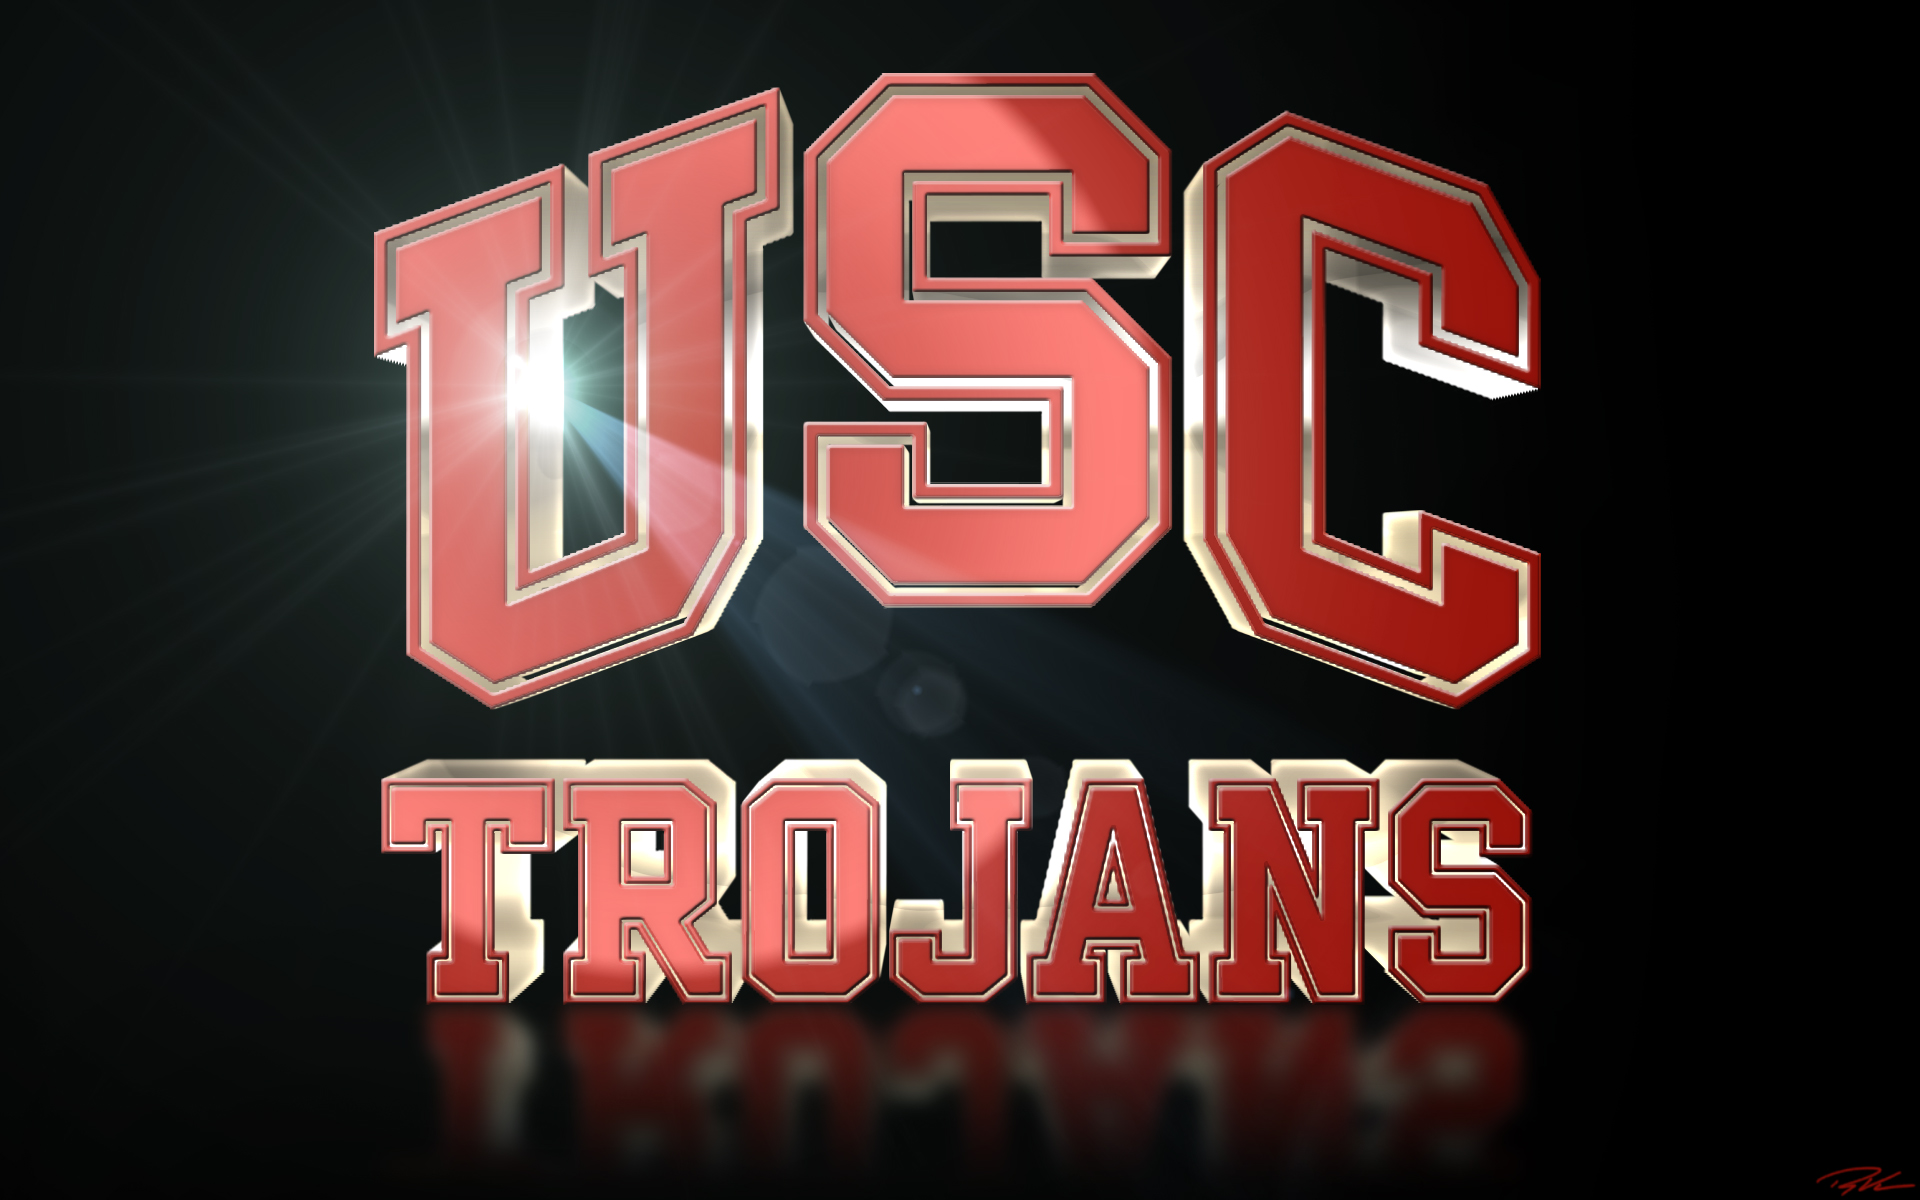 USC TROJANS 1920x1200